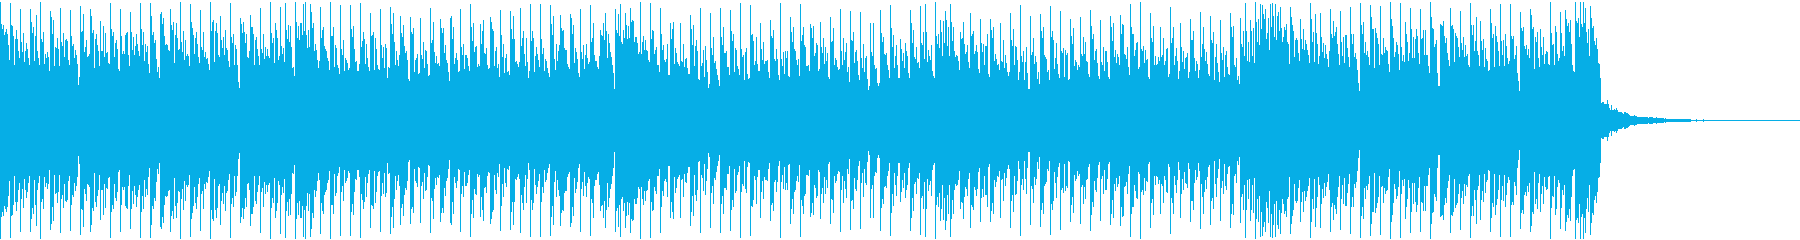 かわいい/キラキラ/元気/ガーリー/OPの再生済みの波形